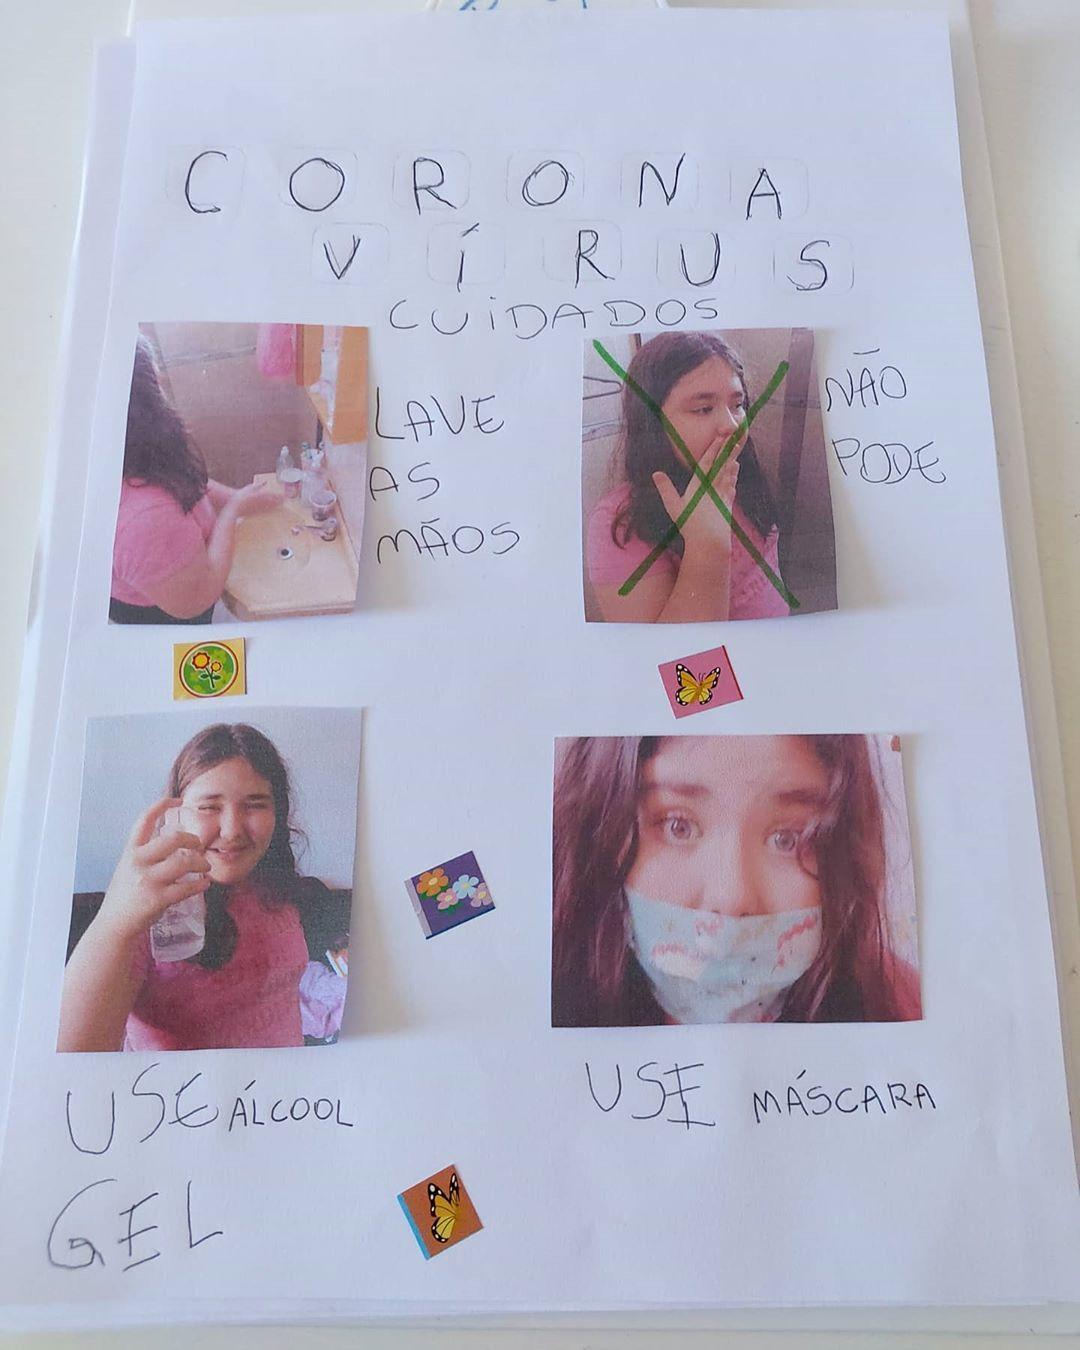 Cartaz feito por Laura, como atividade escolar, que ensina o que deve ser feito para a prevenção do coronavírus. Créditos: Reprodução/Instagram